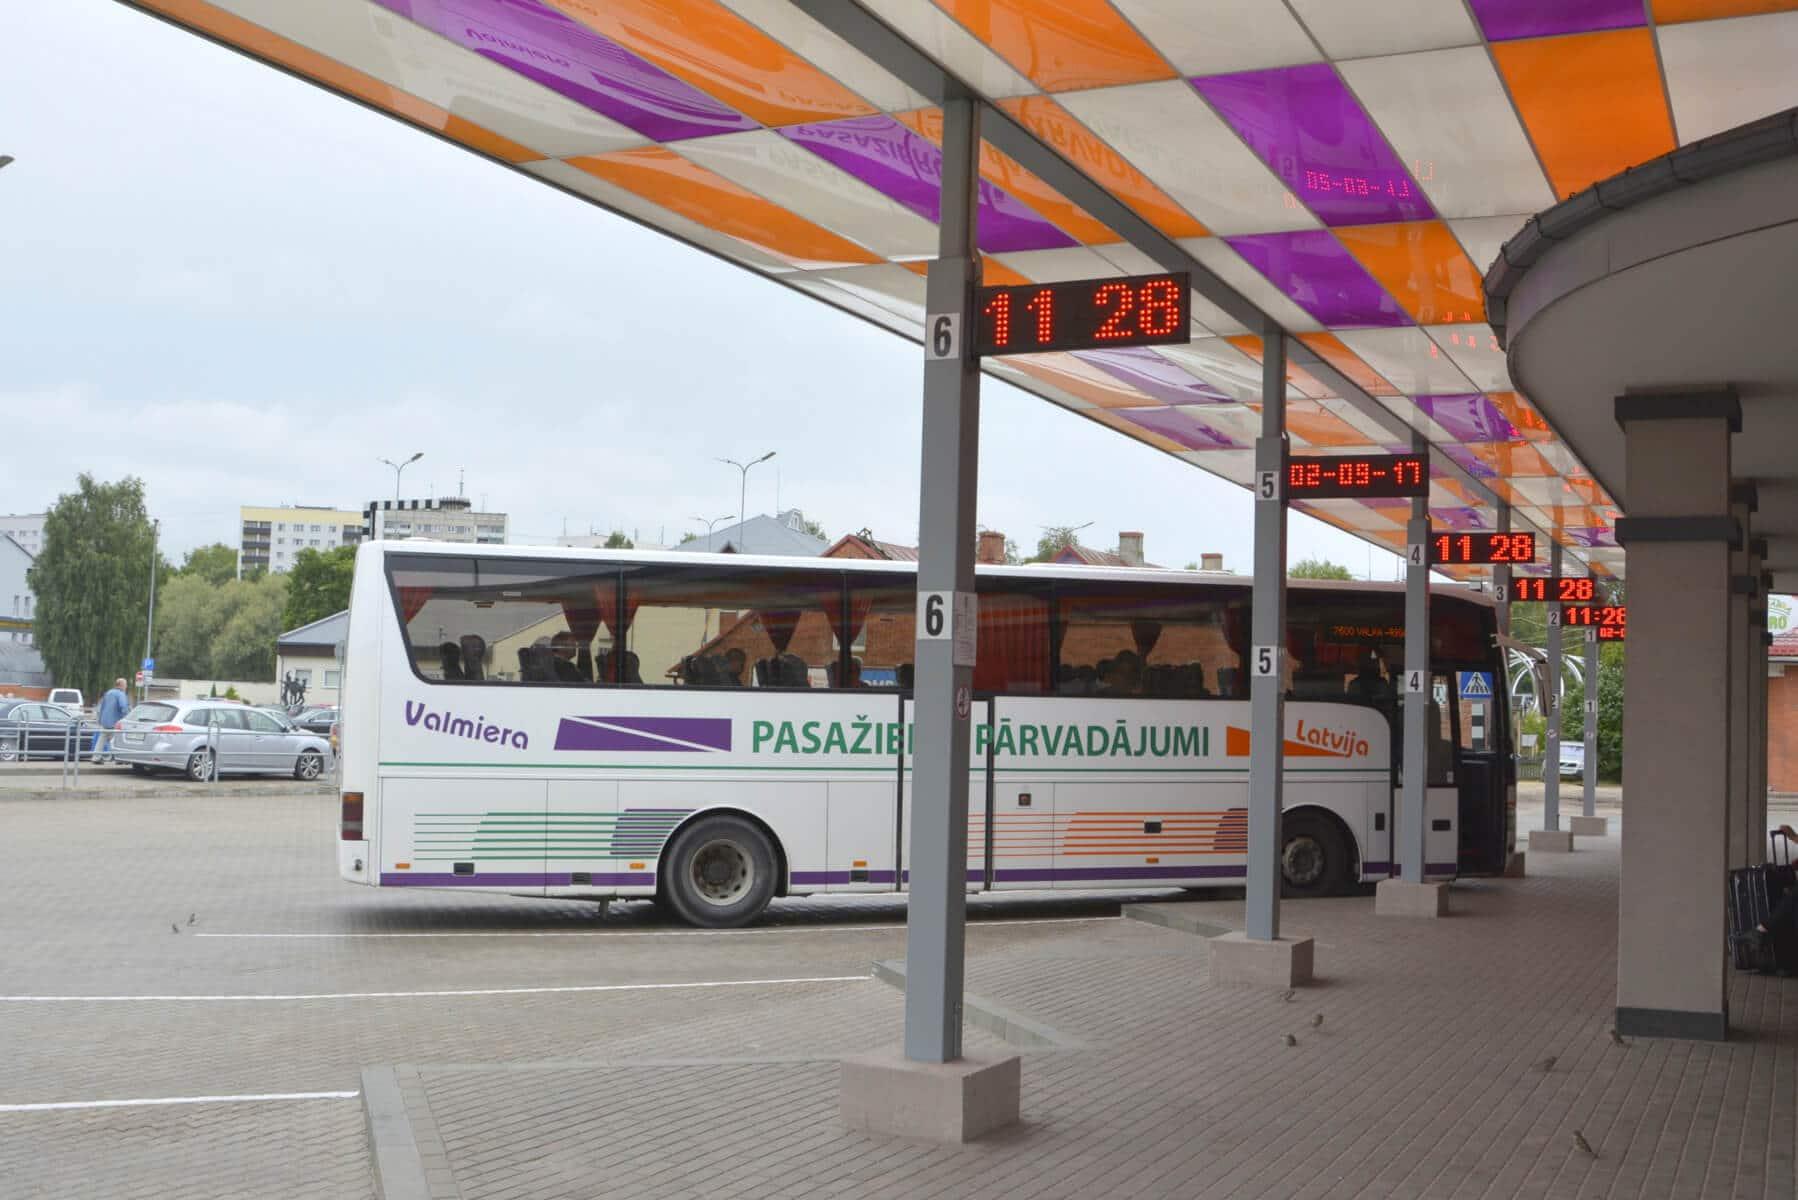 Valsts svētkos izmaiņas autobusu kustībā